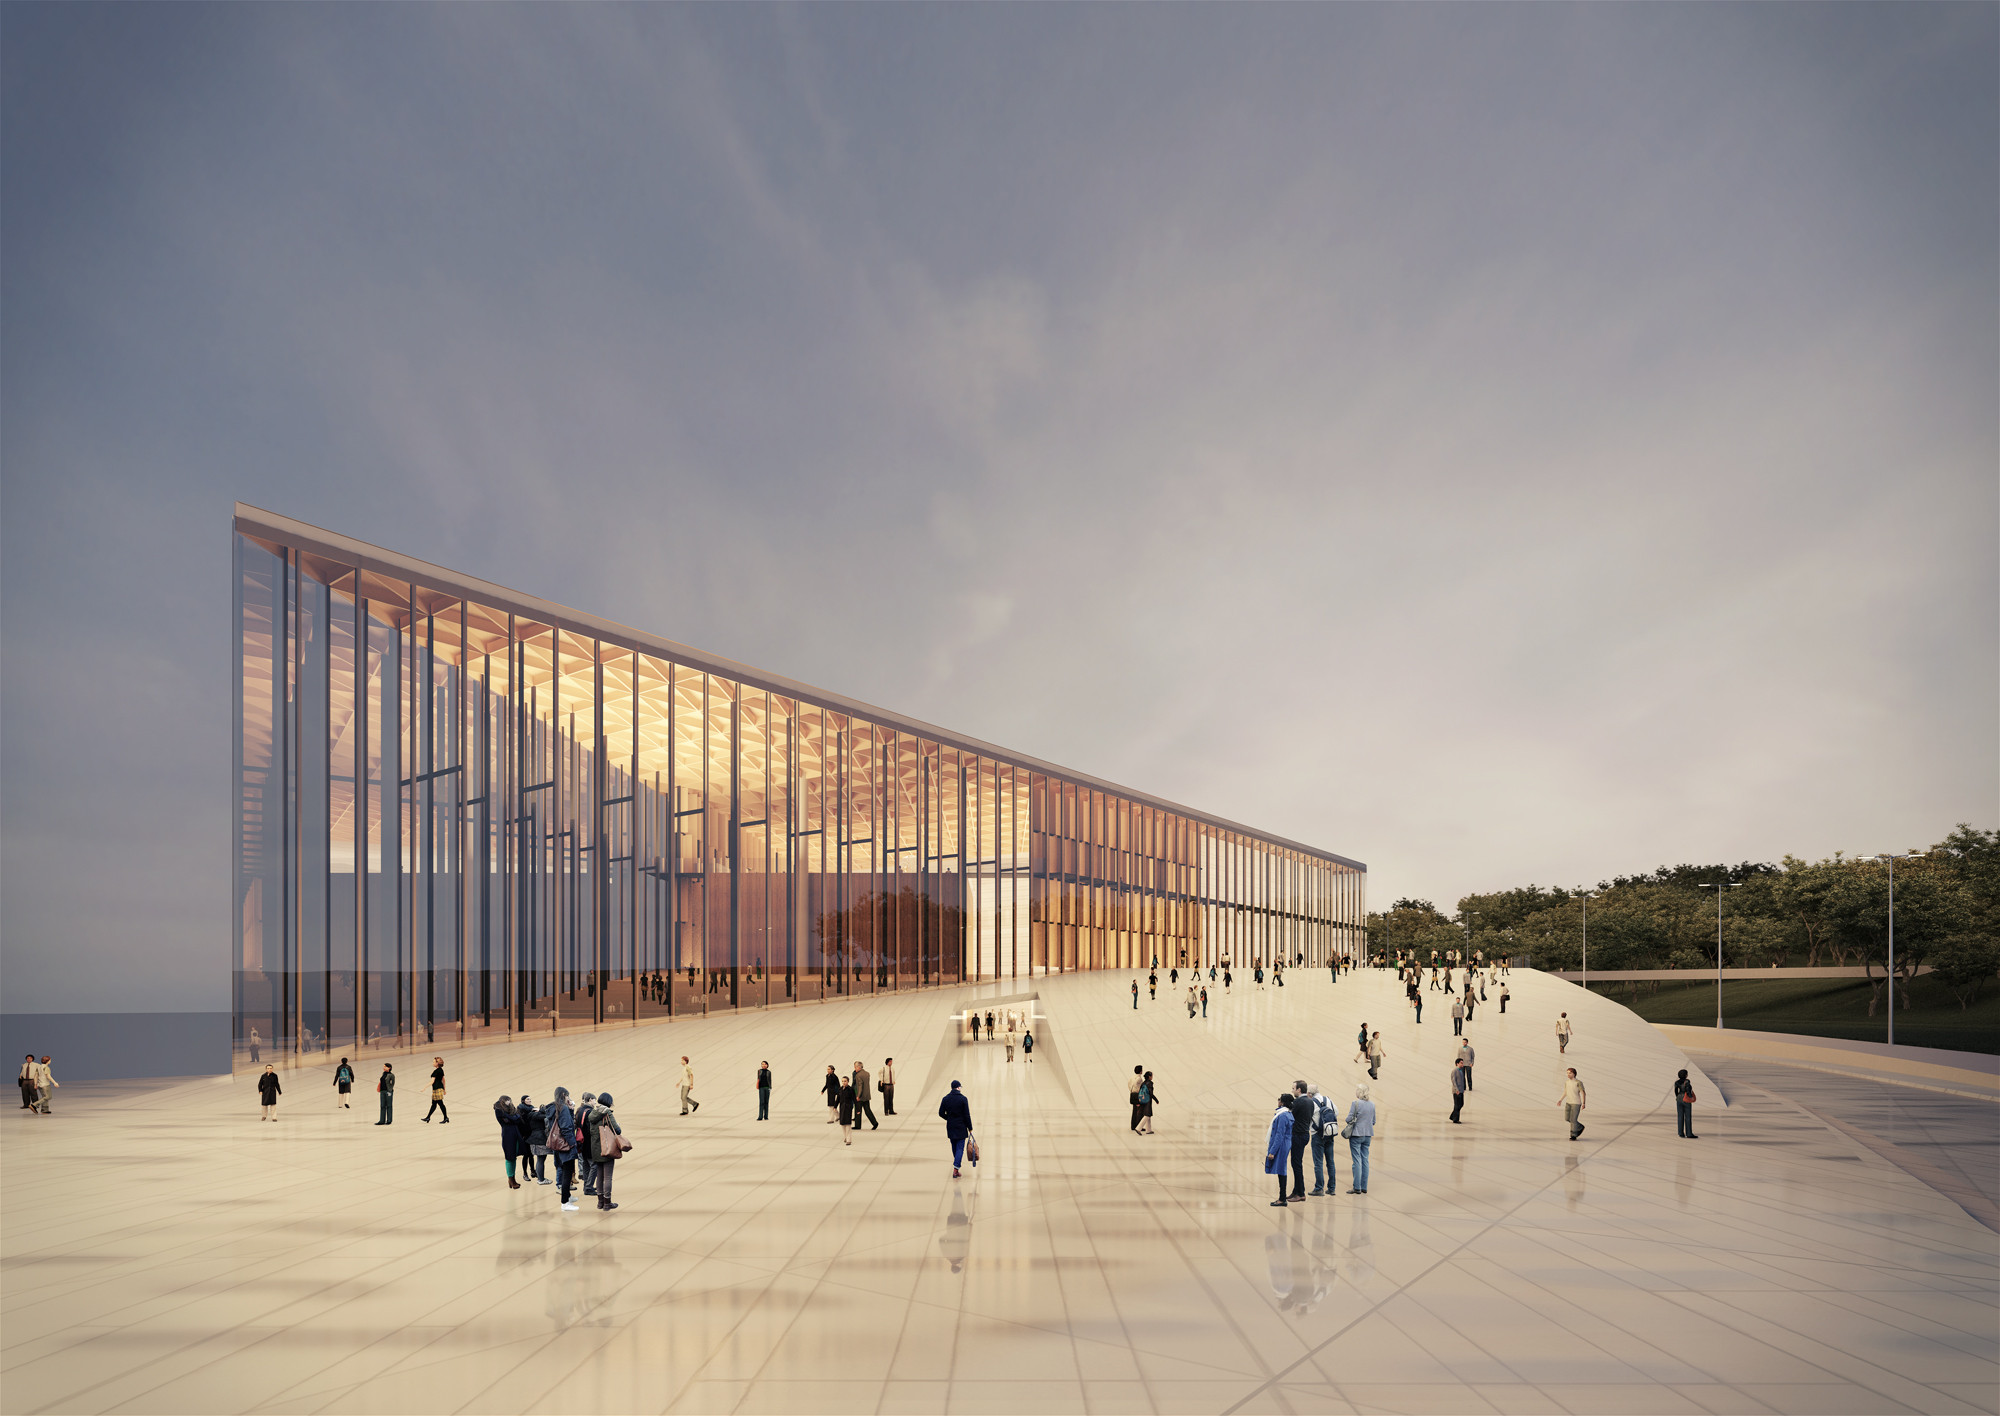 Proposta para o Museu Guggenheim Helsinki / Estúdio 41 + Arquea Arquitetos, Cortesia de Estúdio 41 + Arquea Arquitetos